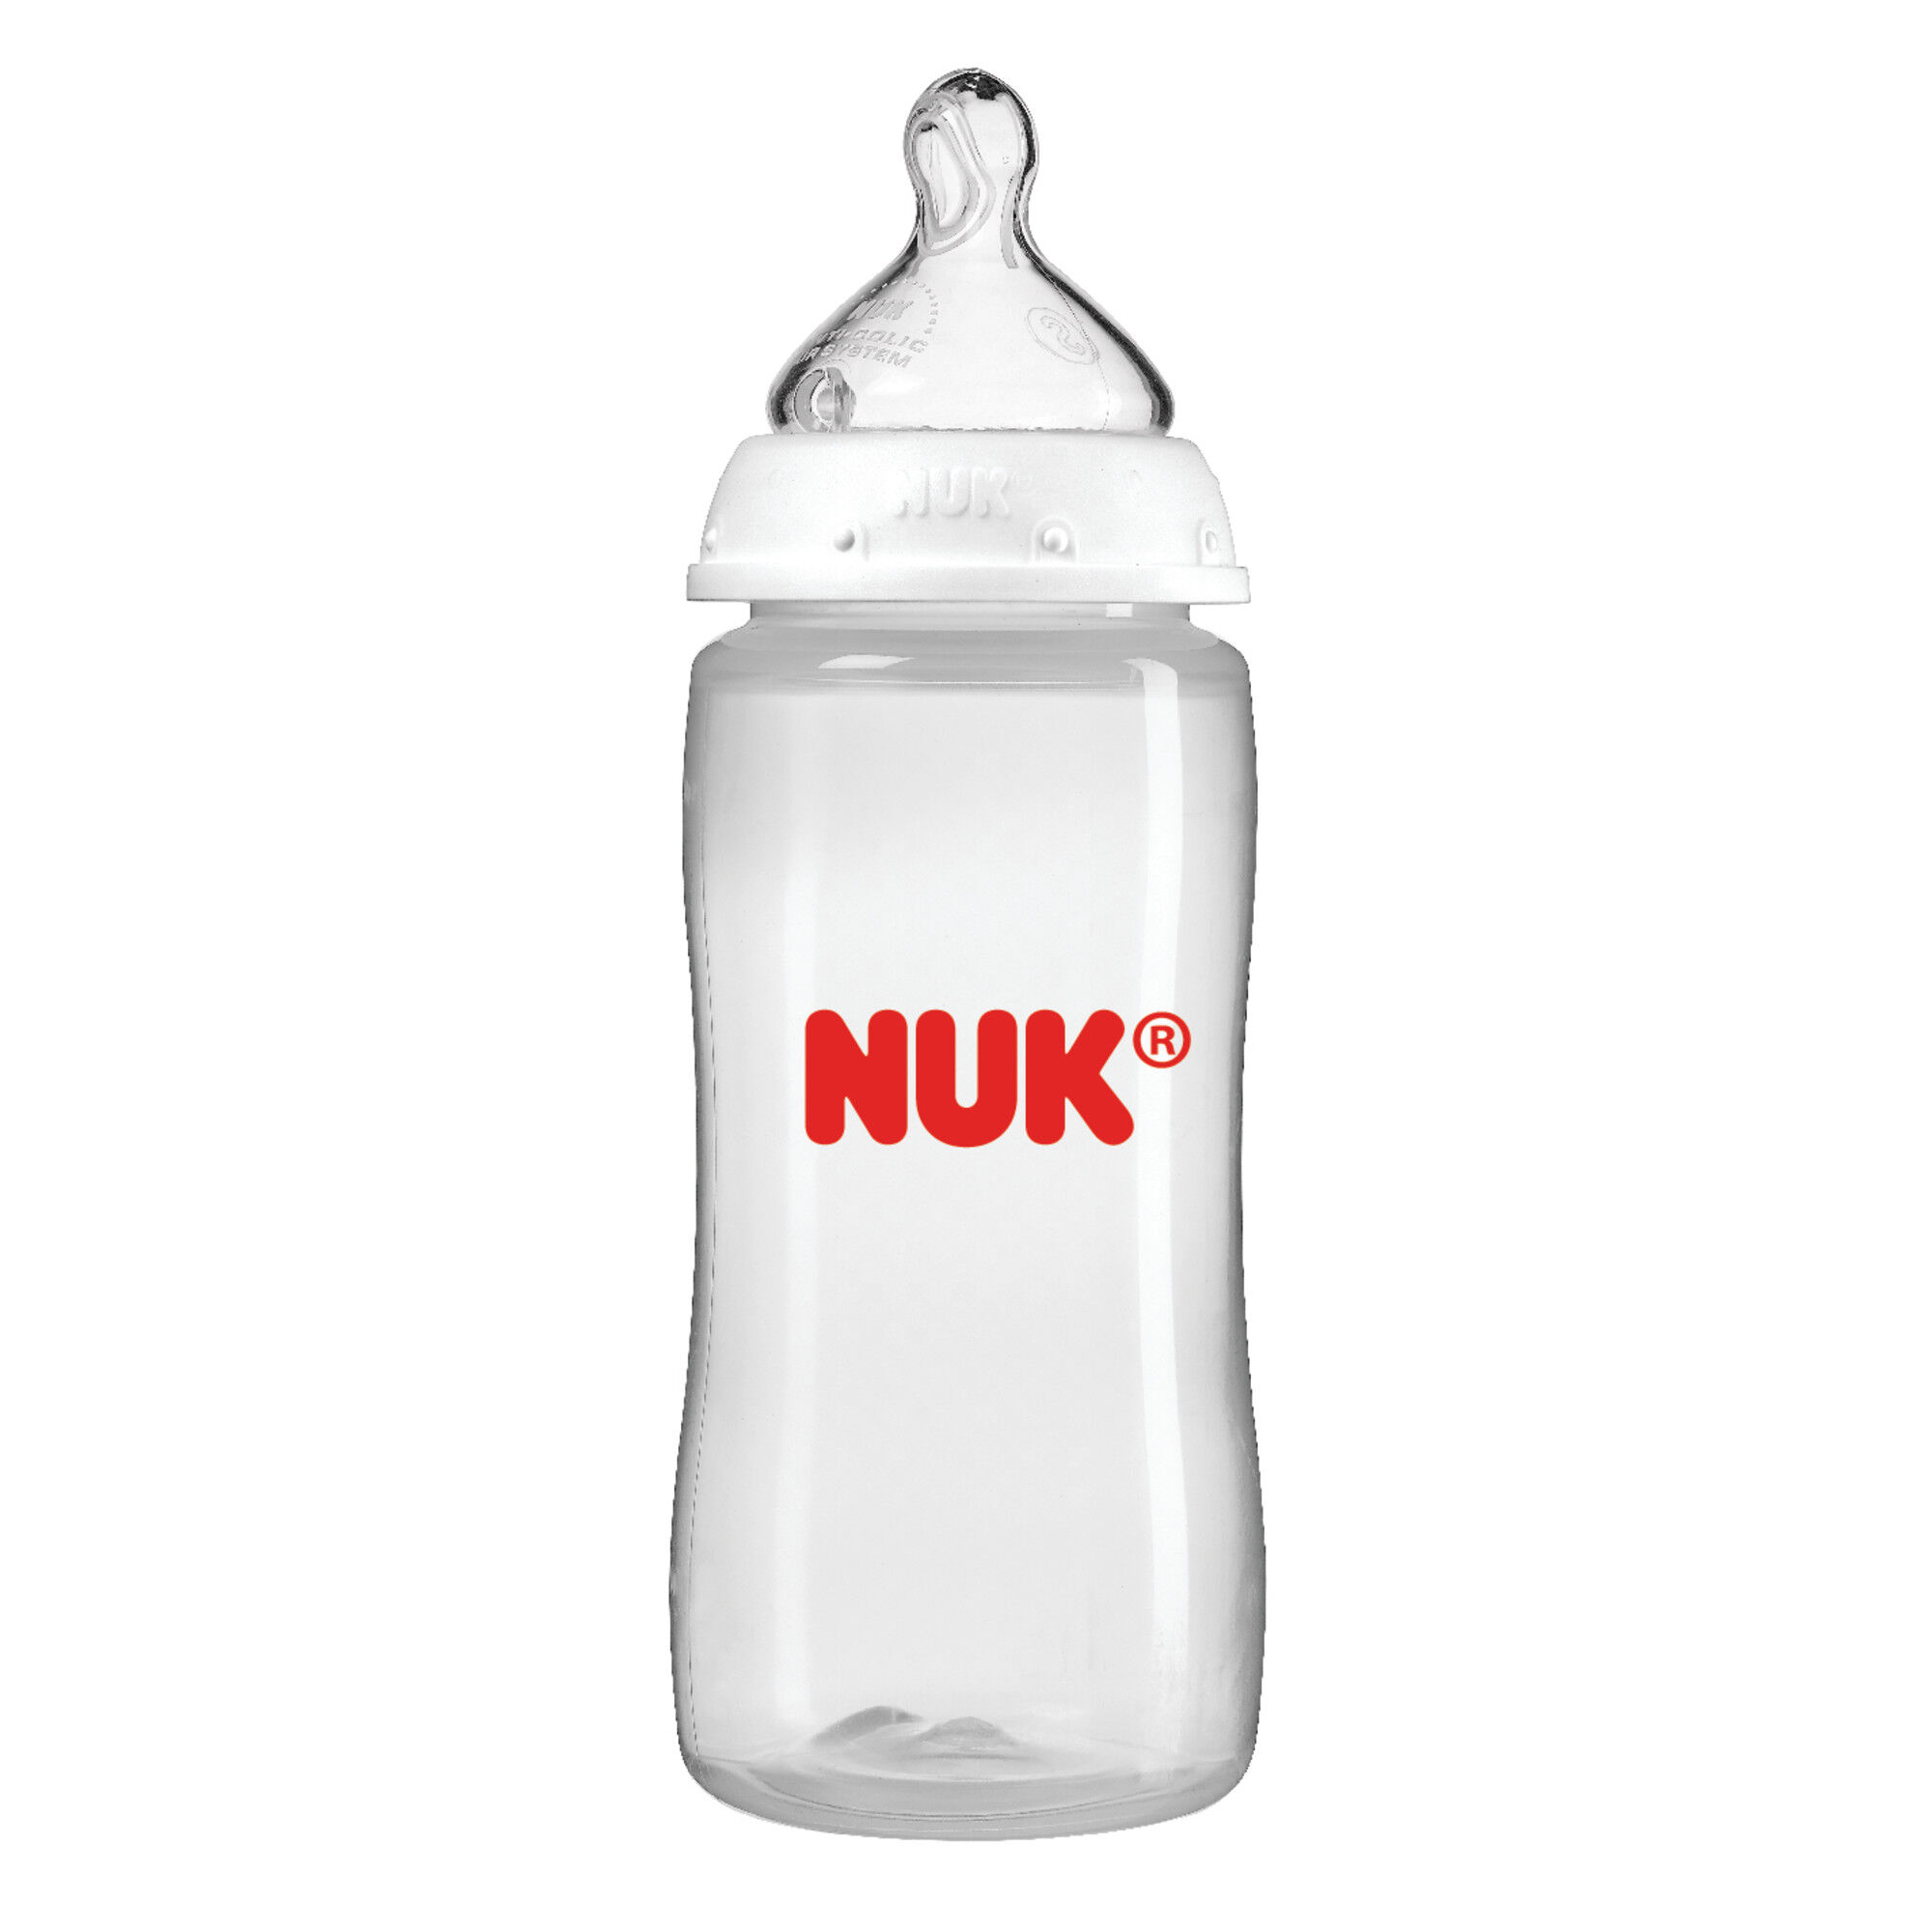 Nuk Nipples 121